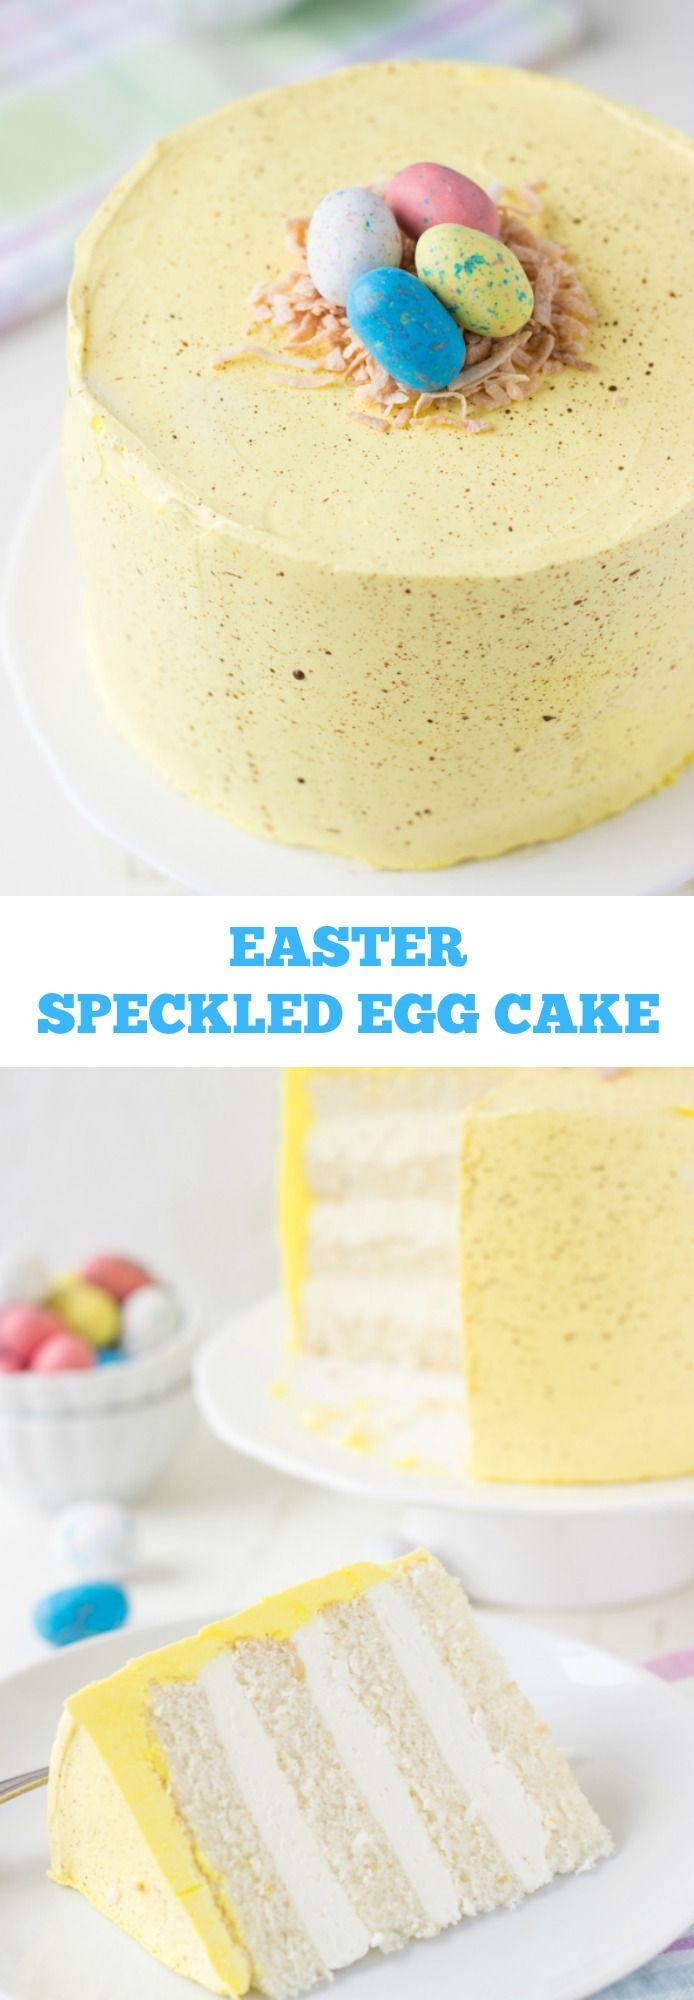 Easter Speckled Egg Cake - a soft coconut lemon layer cake decorated for Easter ~ http://blahnikbaker.com